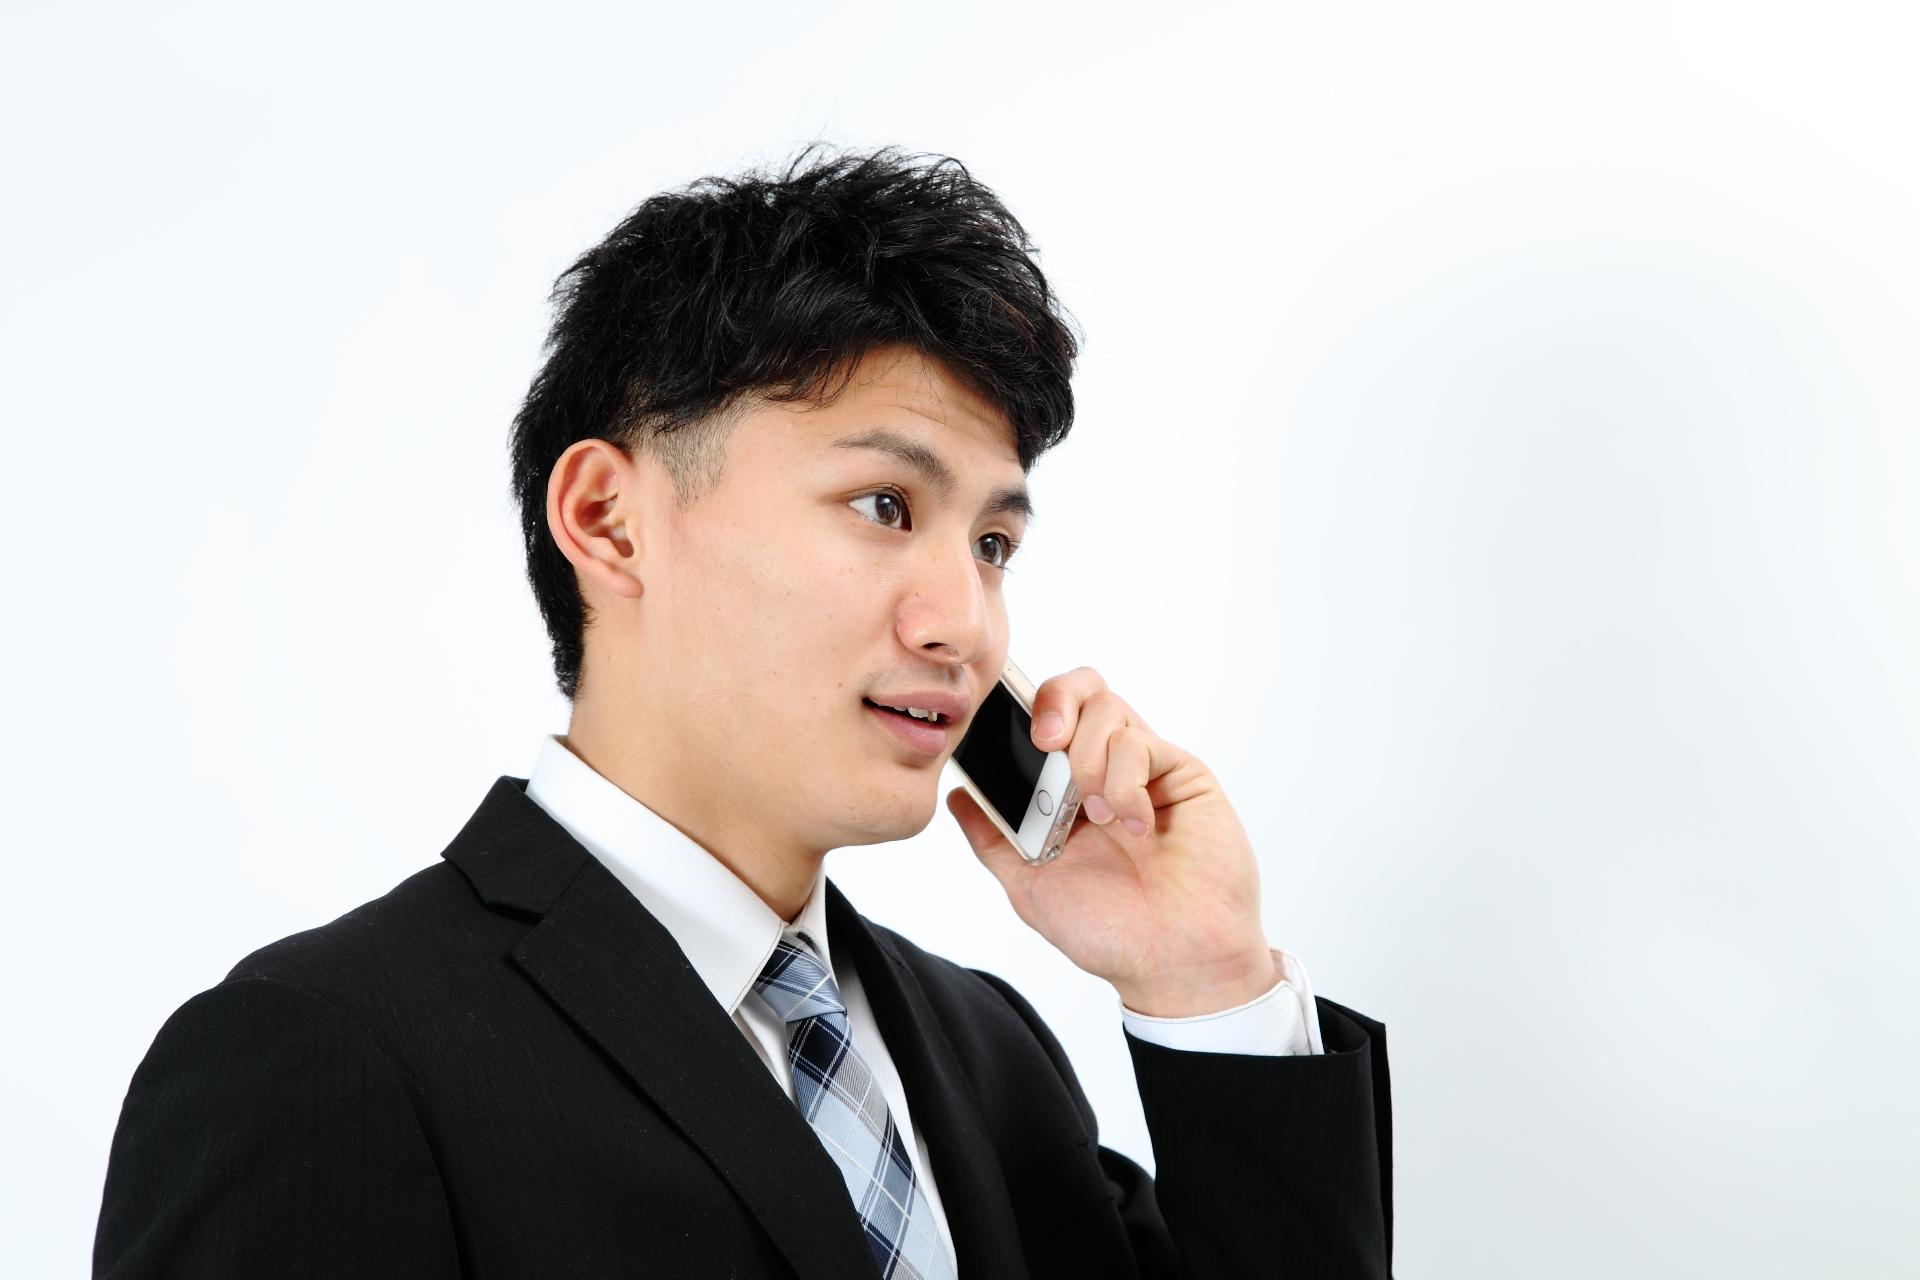 就活ナビサイトで「満席表示」の会社説明会に参加できる可能性を作る方法